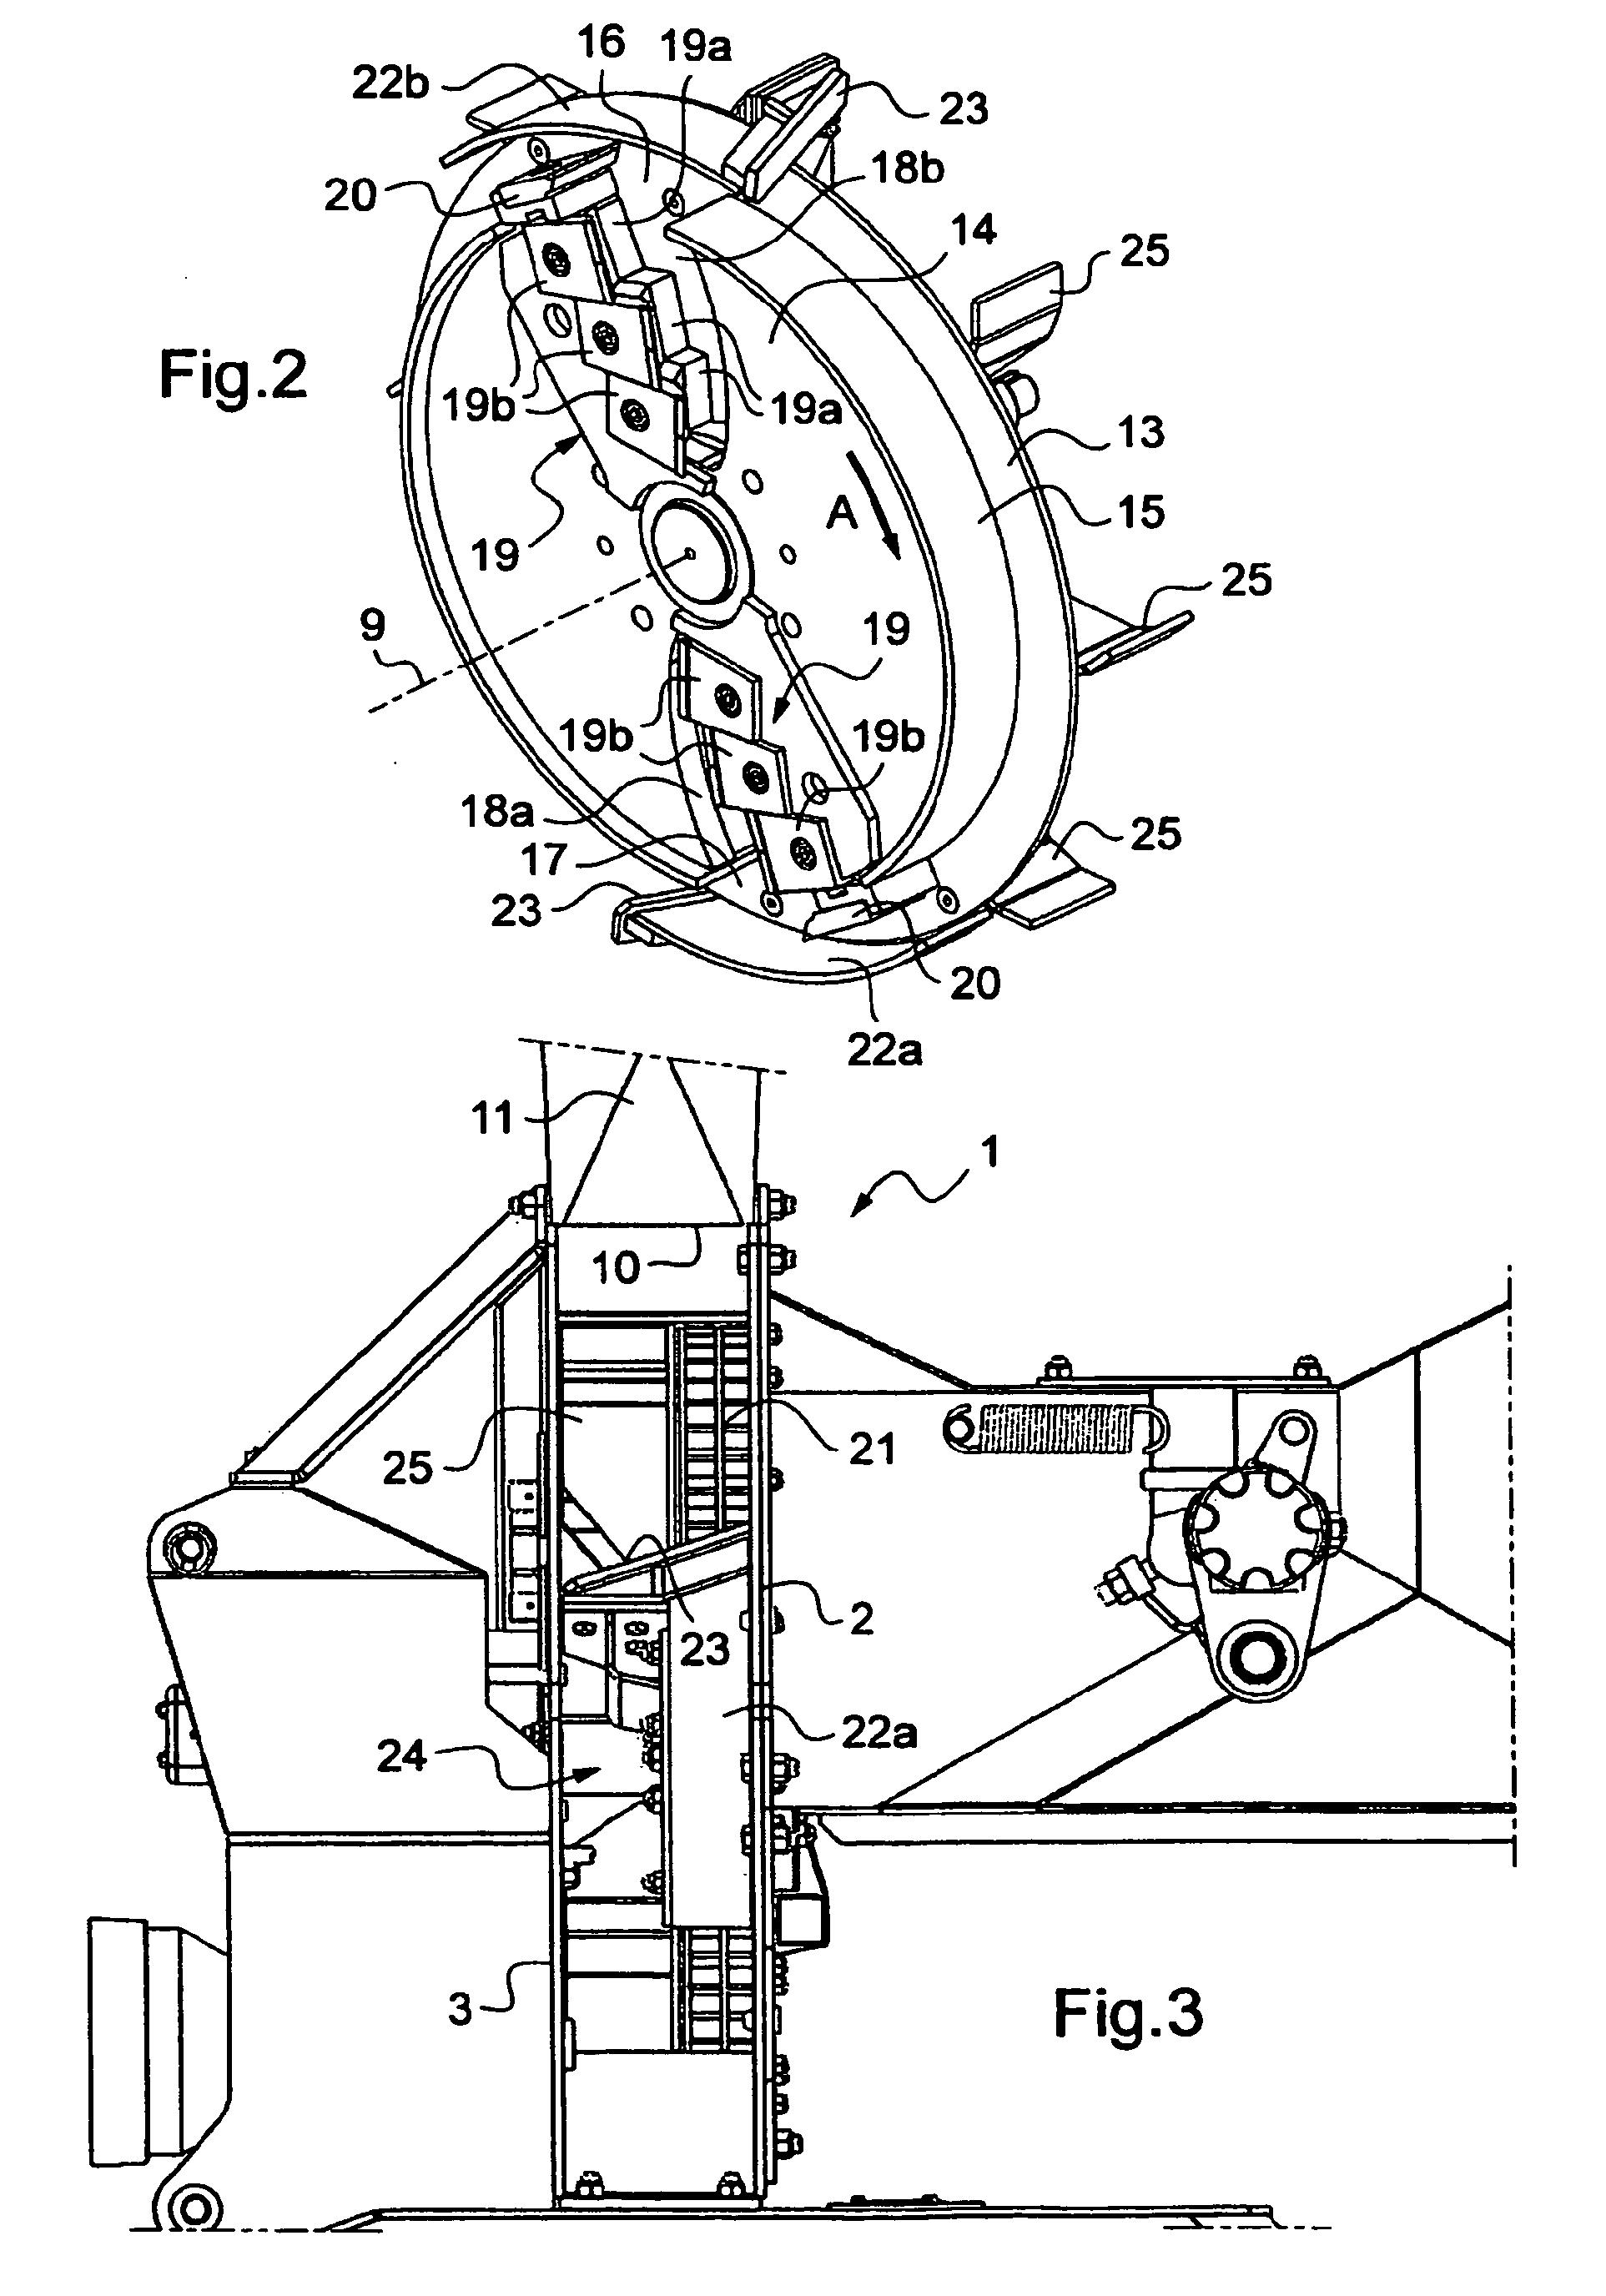 patente ep2266768b1 broyeur de v g taux pour la. Black Bedroom Furniture Sets. Home Design Ideas